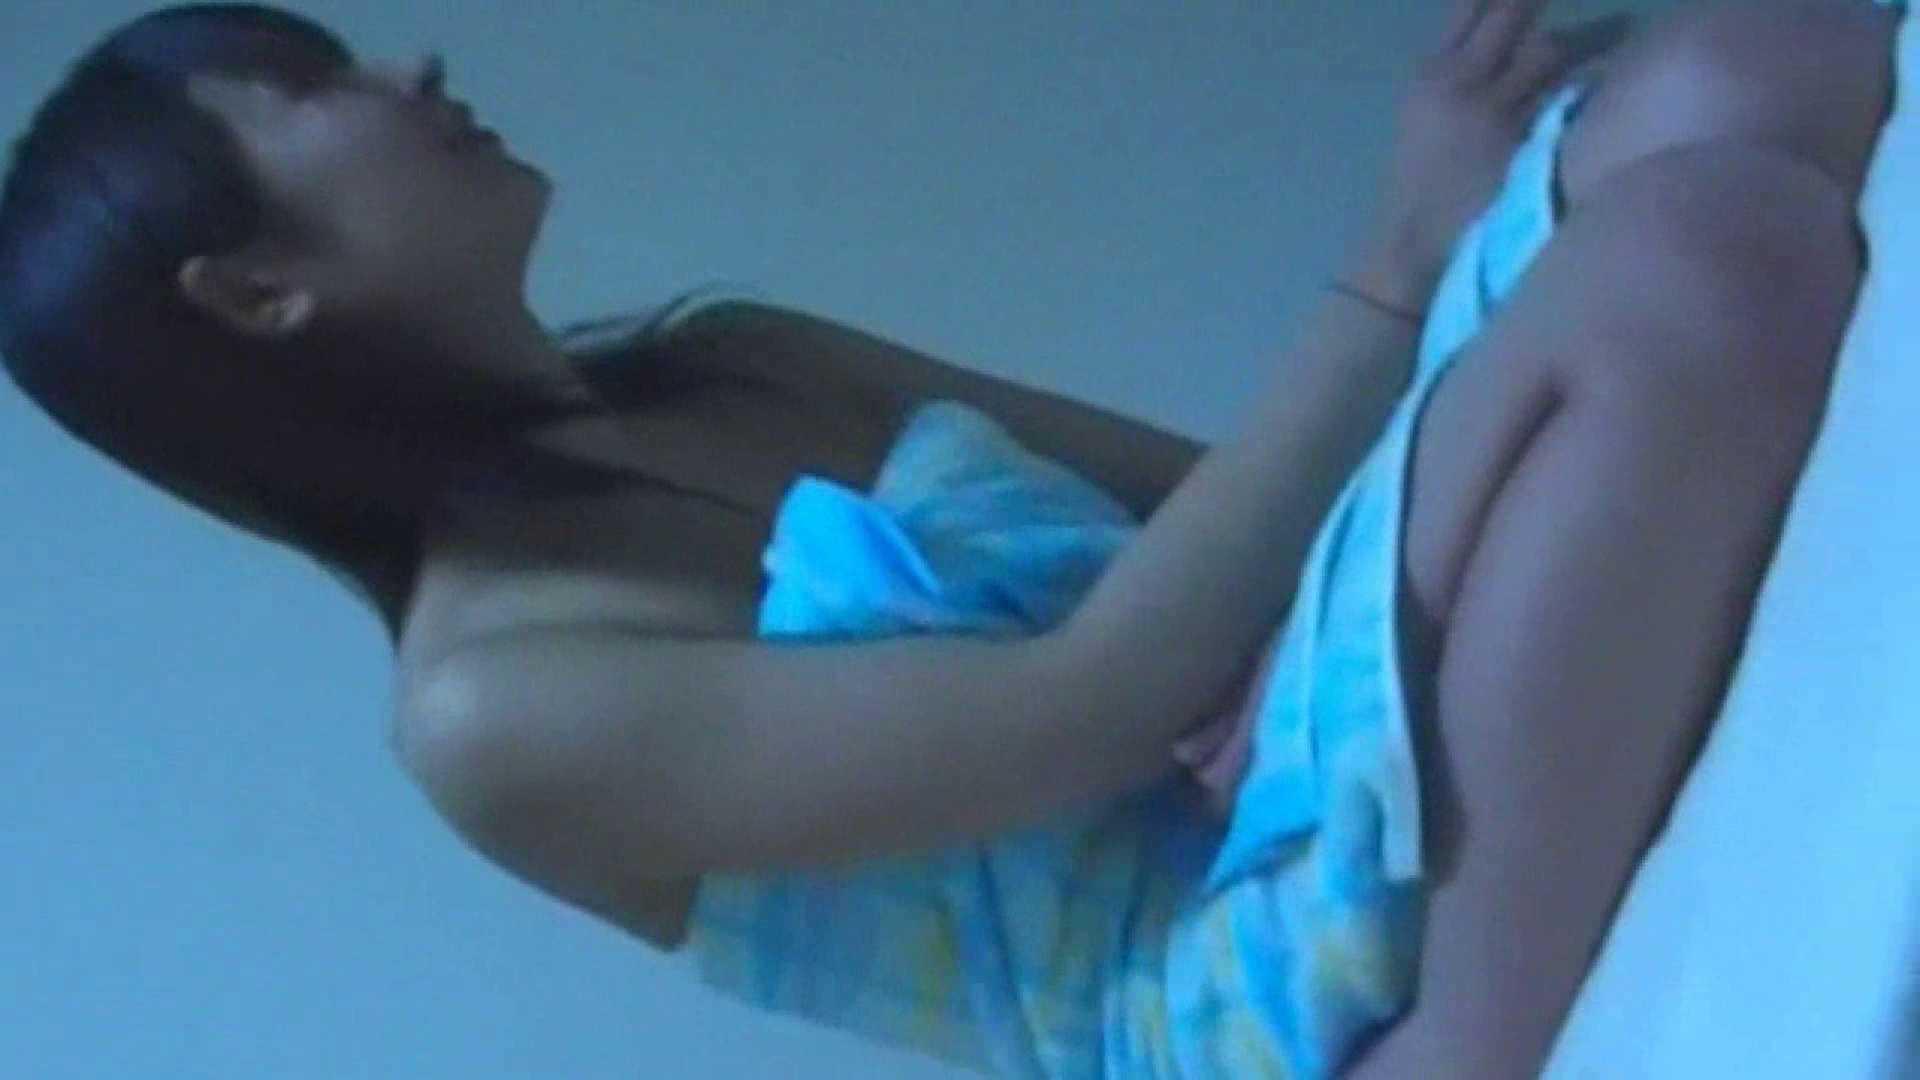 美女だらけのプライベートSEXvol.15前編 エッチな美女 AV無料動画キャプチャ 79pic 19